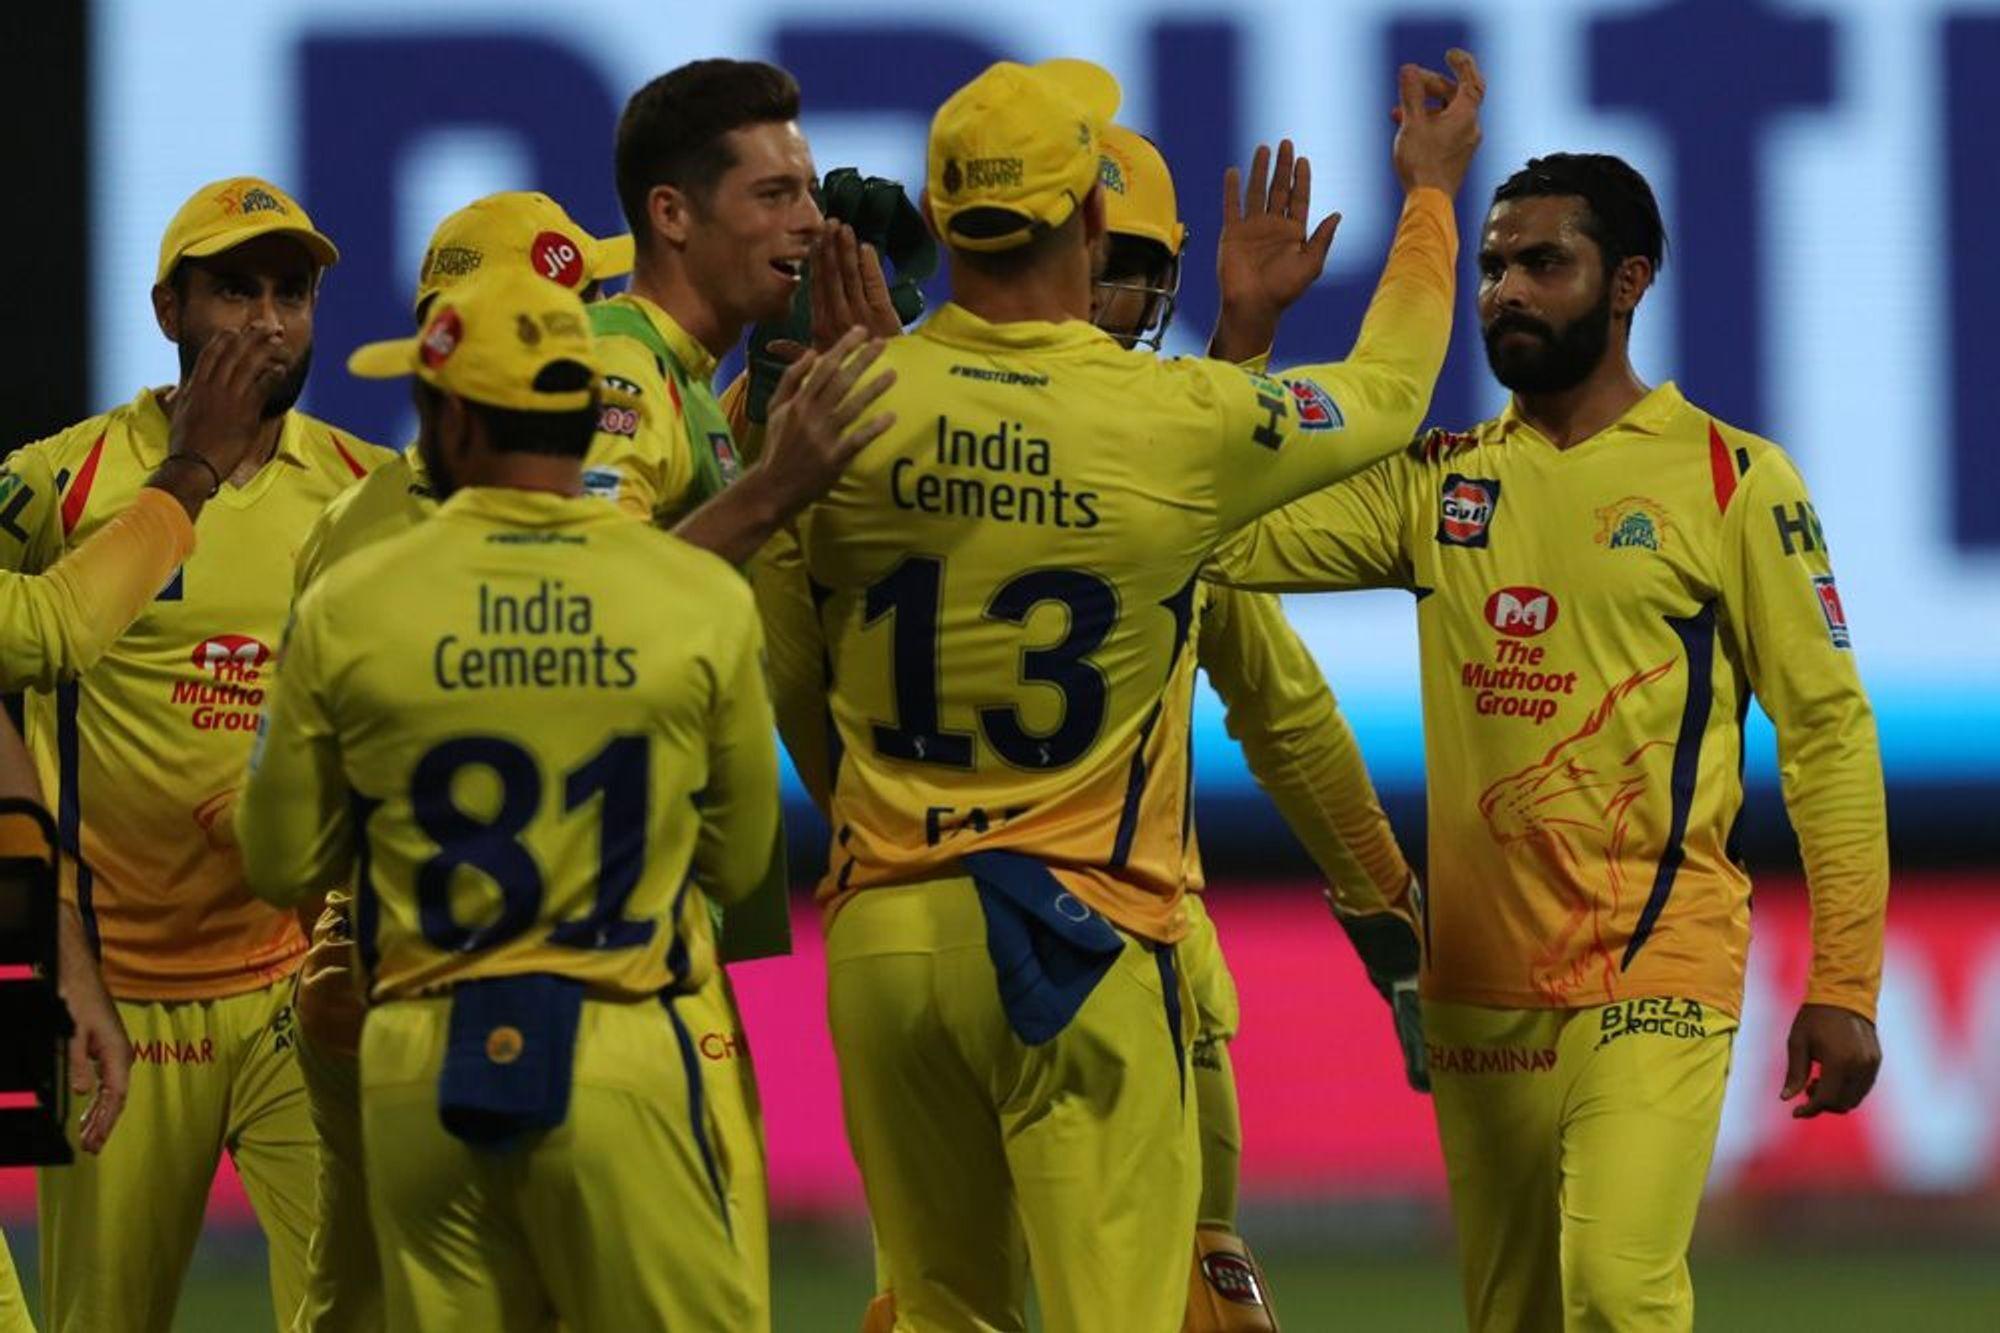 आईपीएल 2019: मैच खेले बिना लाखों कमा रहा चेन्नई सुपर किंग्स का यह युवा खिलाड़ी 15